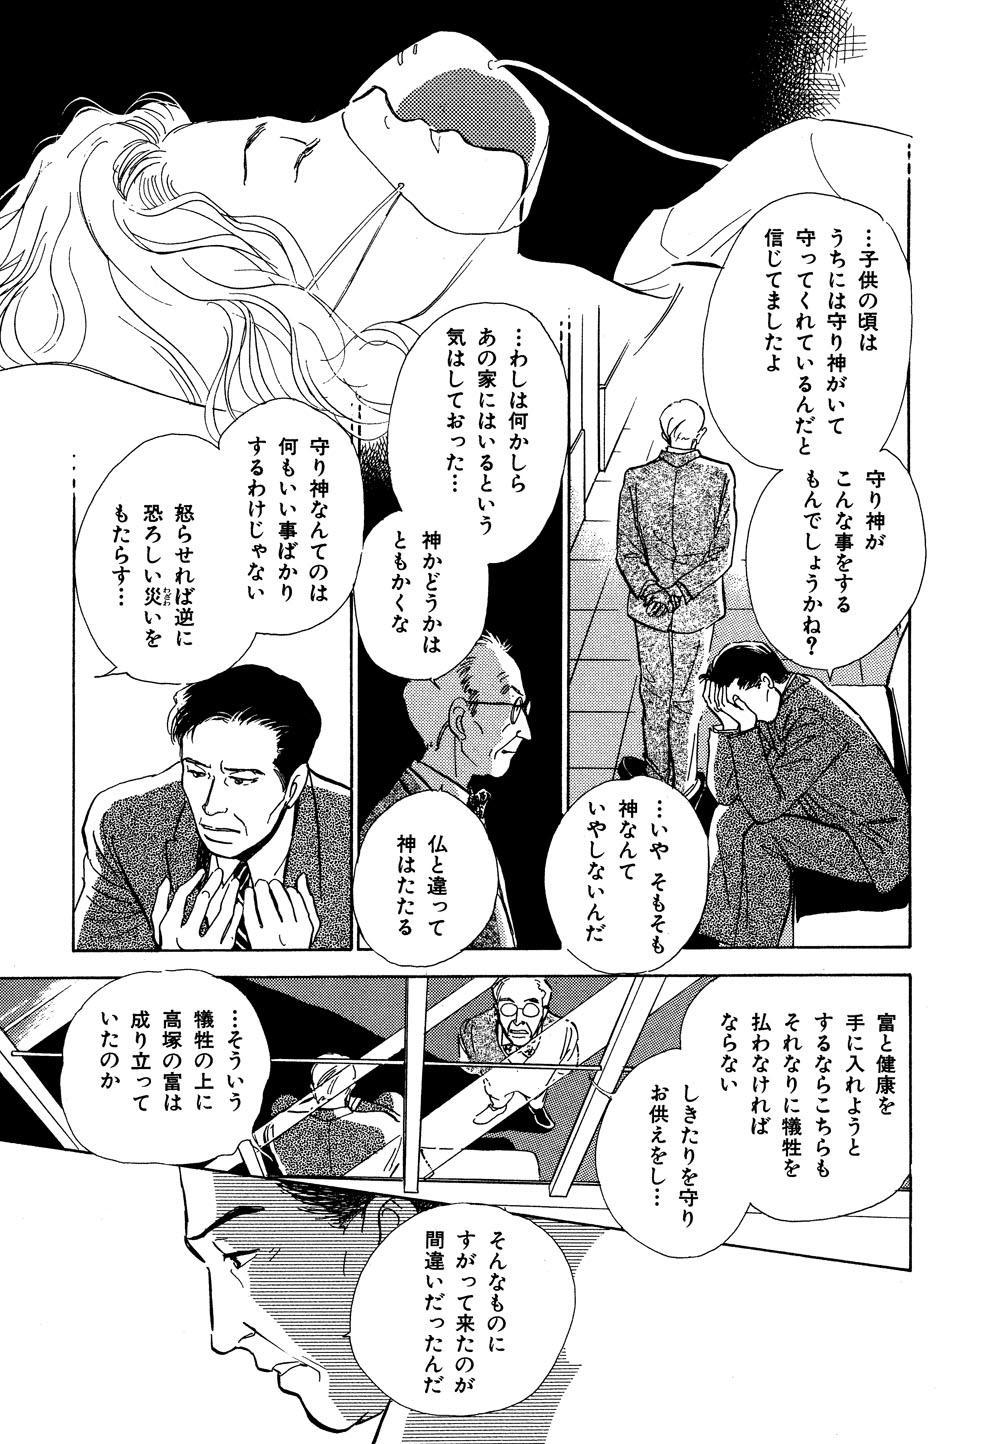 百鬼夜行抄_03_0107.jpg